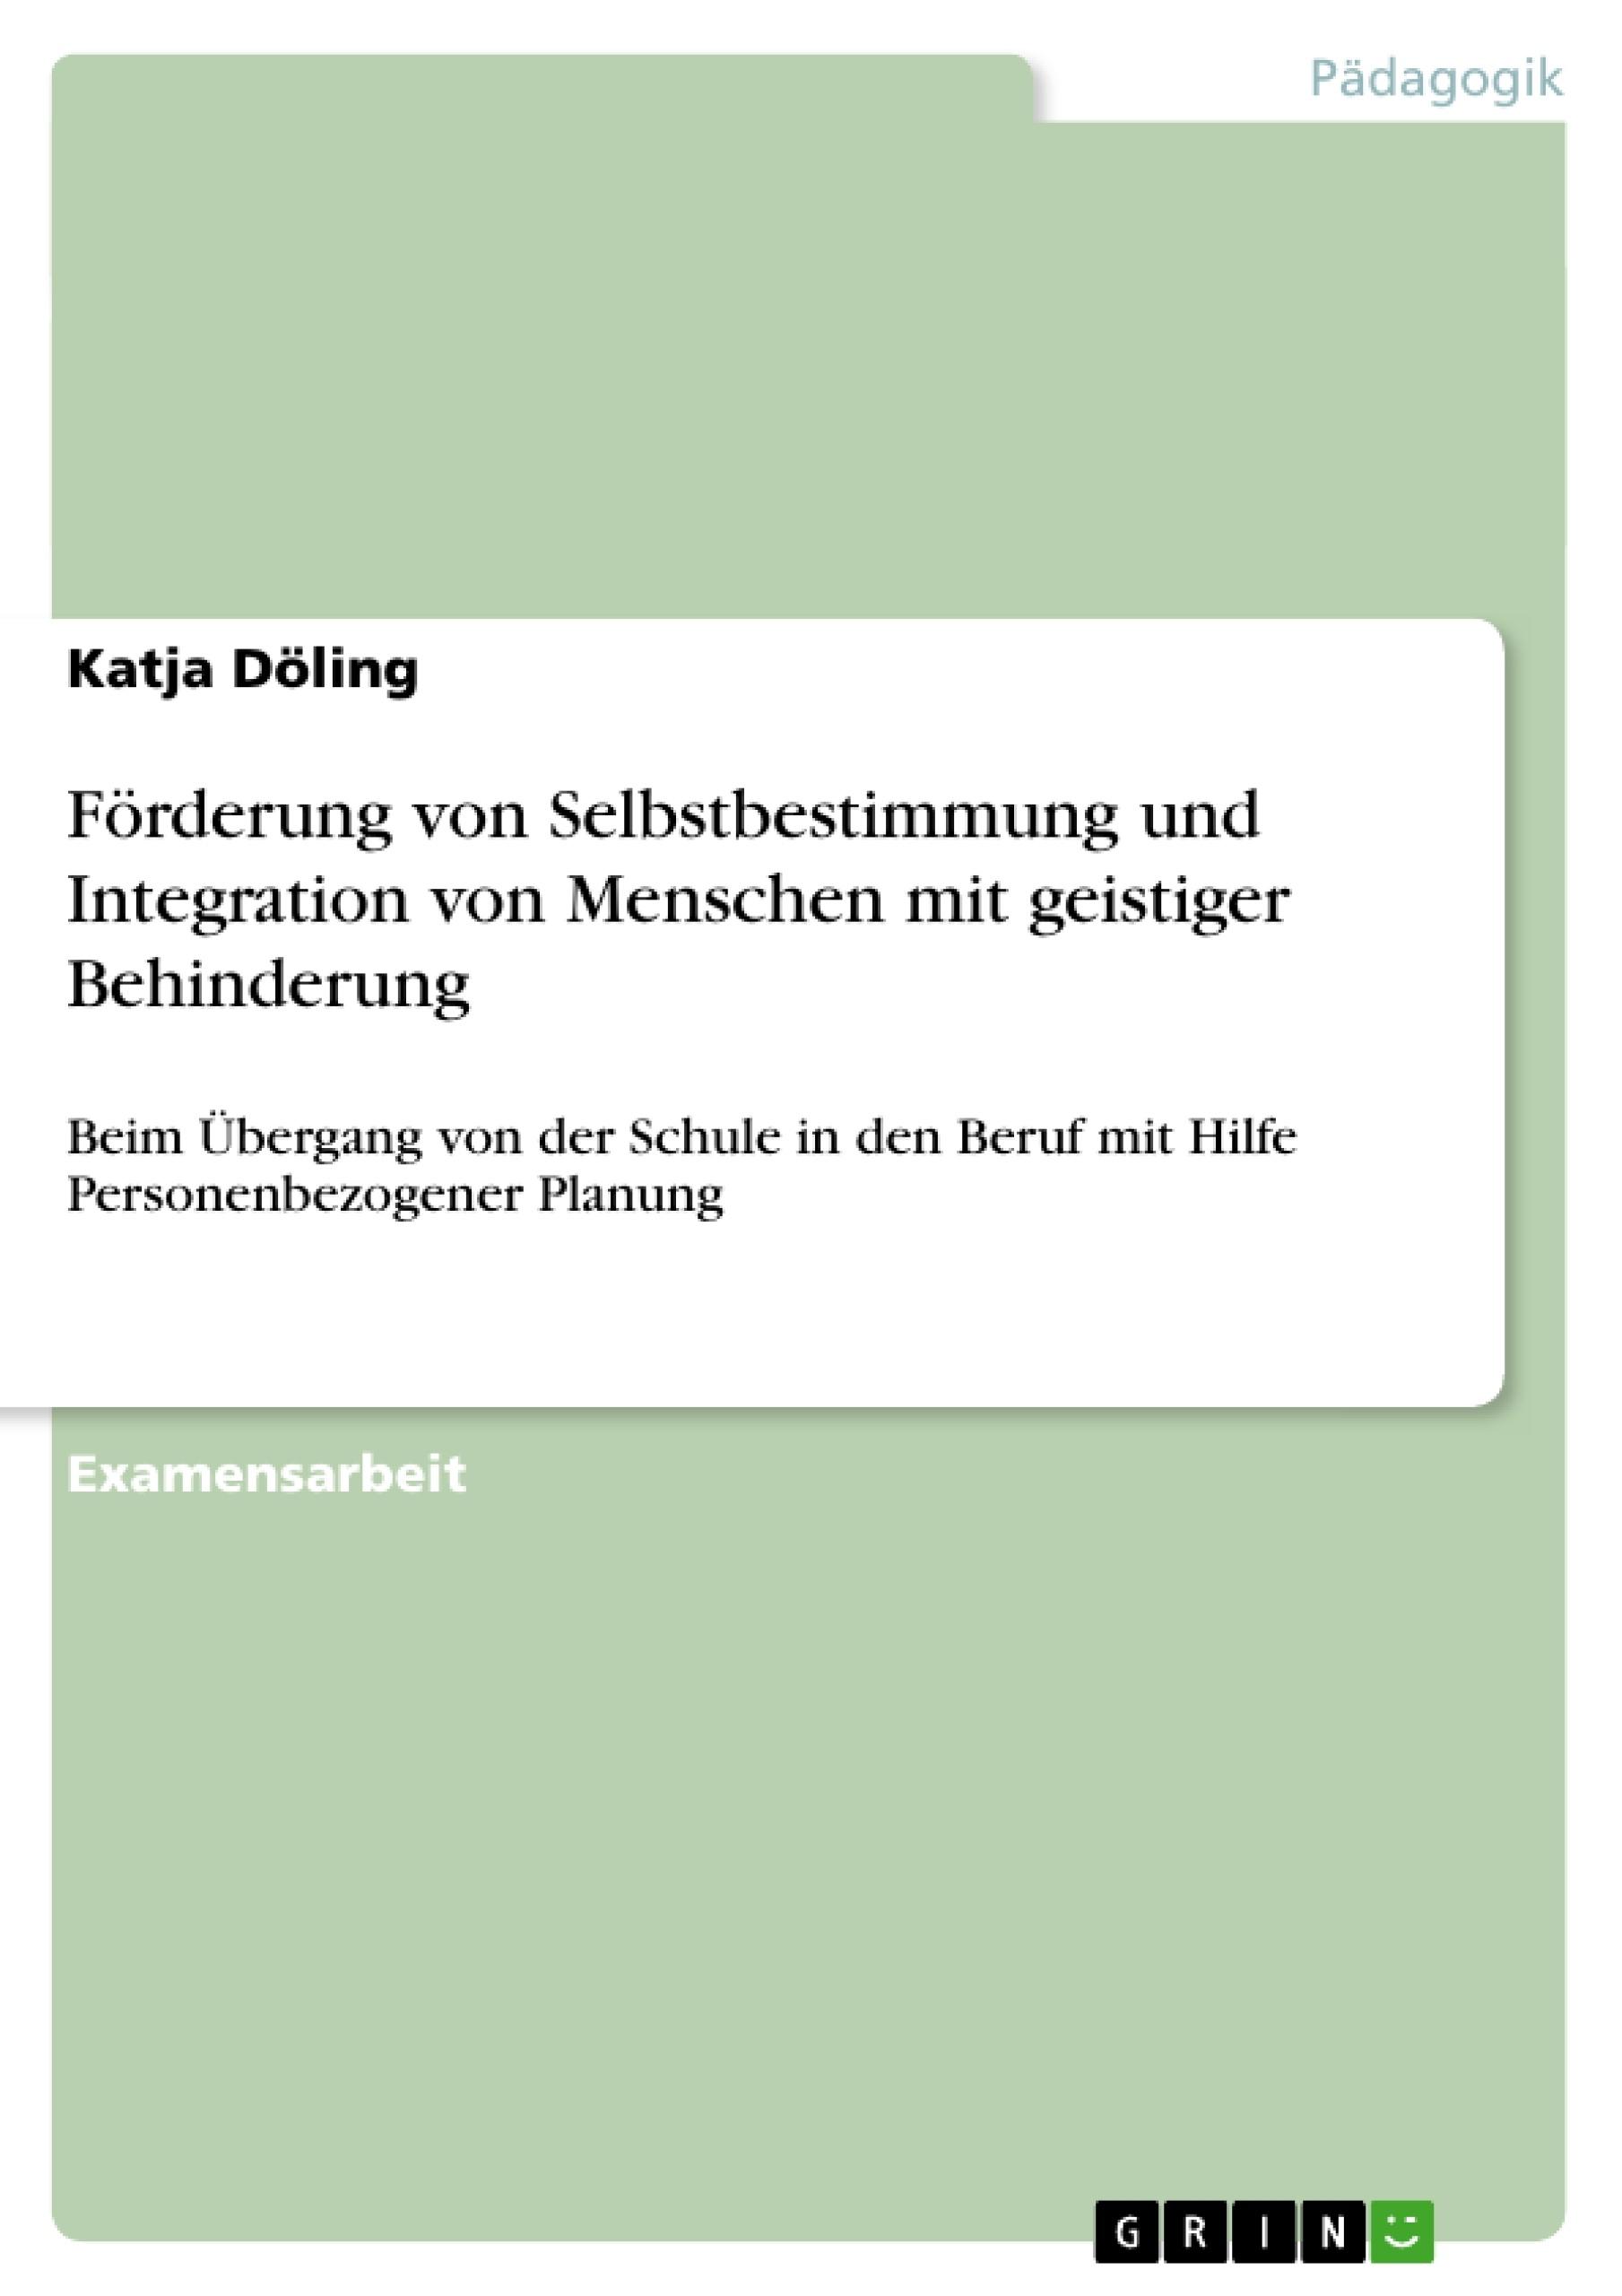 Titel: Förderung von Selbstbestimmung und Integration von Menschen mit geistiger Behinderung